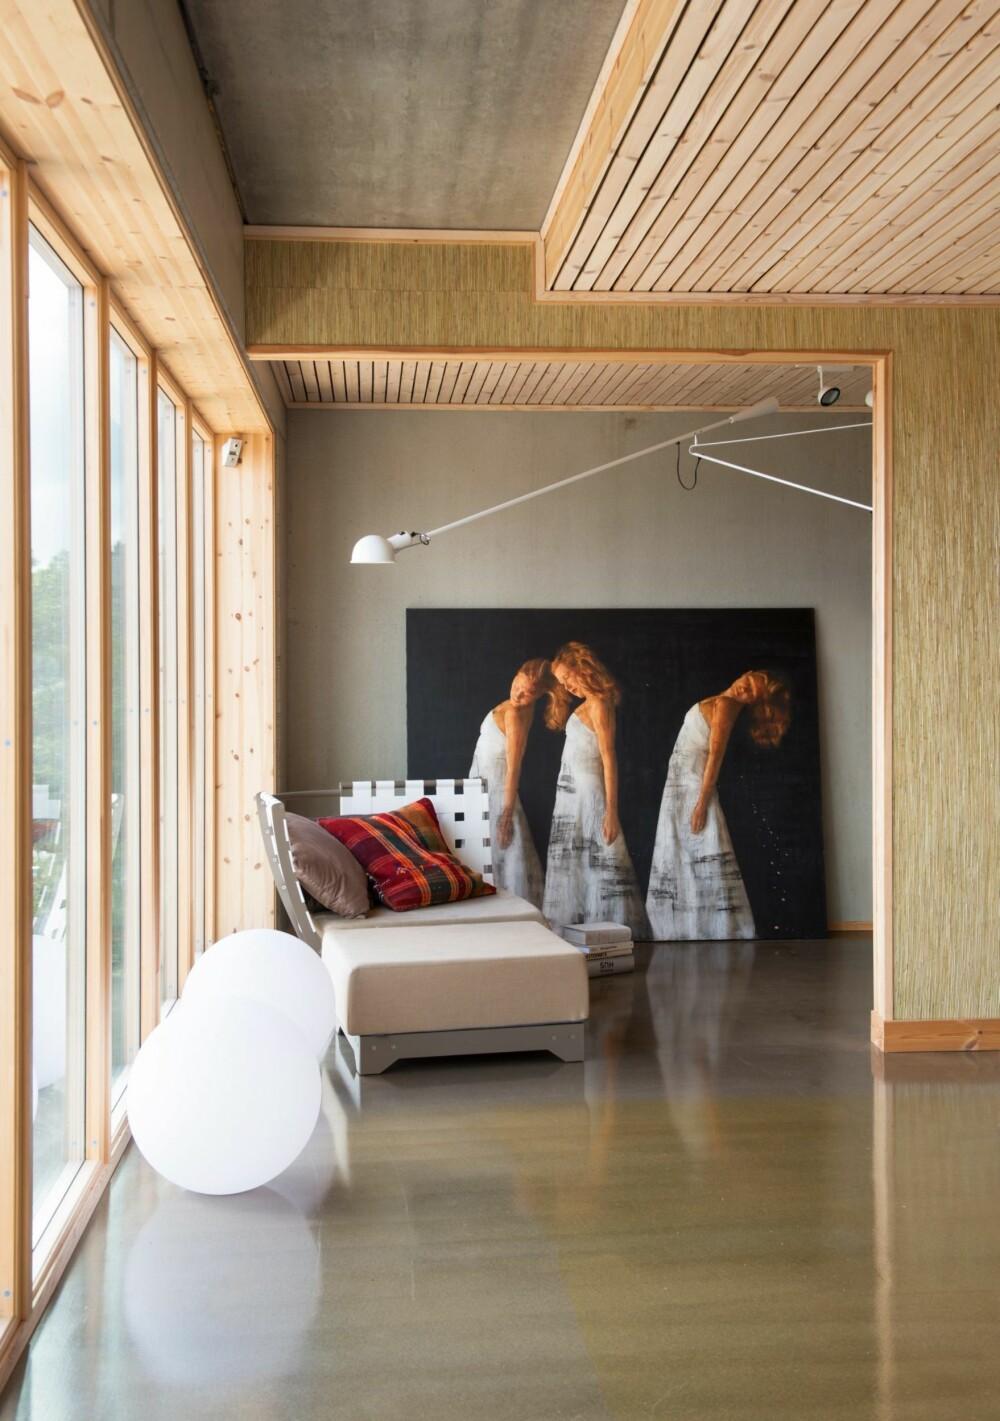 FRITT FOR HVITT: Store vinduer og rikt lysinnfall gjør at interiøret føles lyst, selv uten hvite flater. Maleriet er ved Per Fronth. Den vegghengte lampen er fra Flos, den modulbaserte sjeselongen Vino fra Sundays Design.